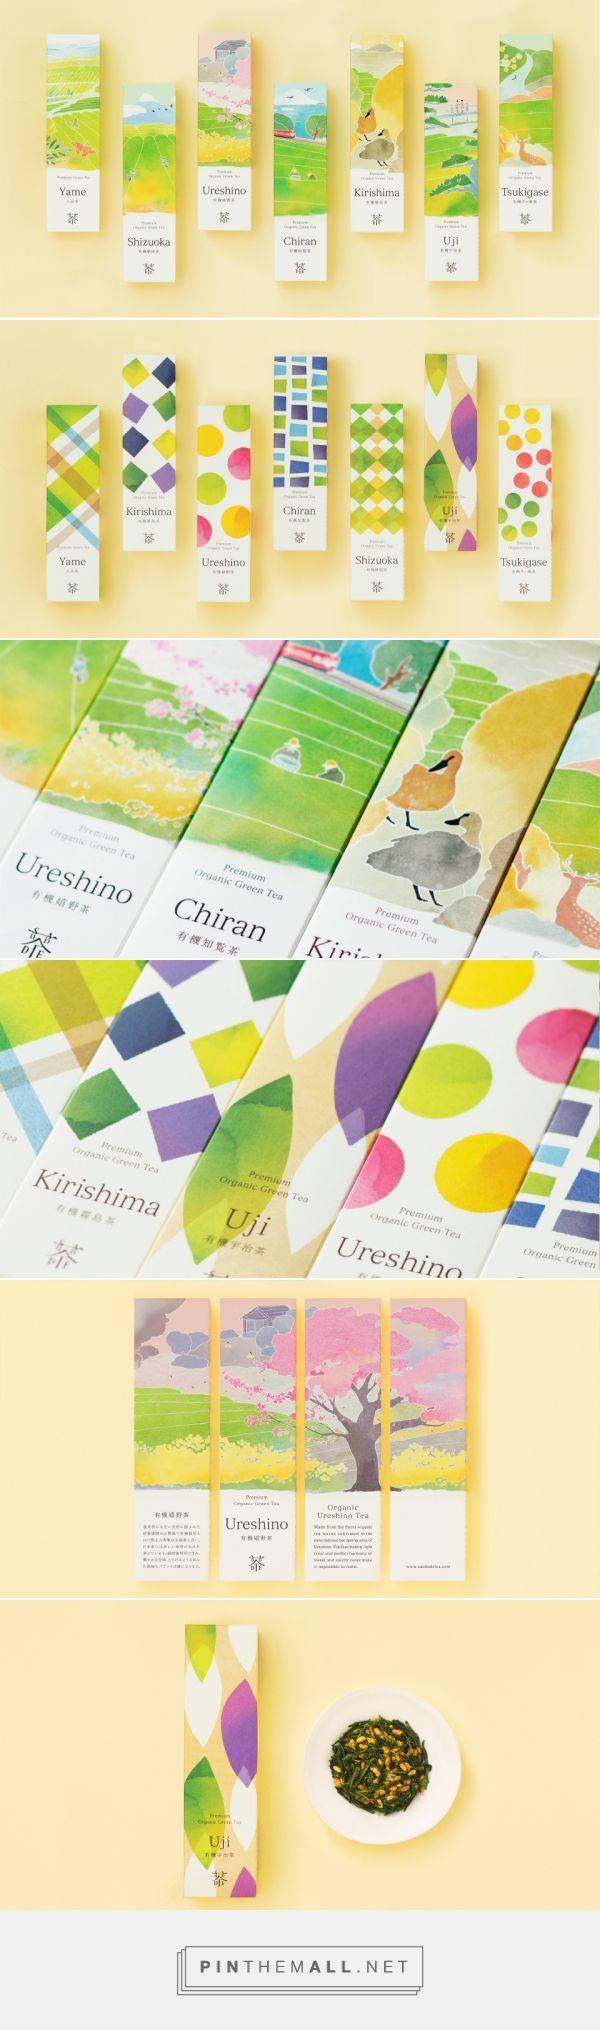 Saudade Tea / Japanese tea by SAUDADE TEA CO., LTD